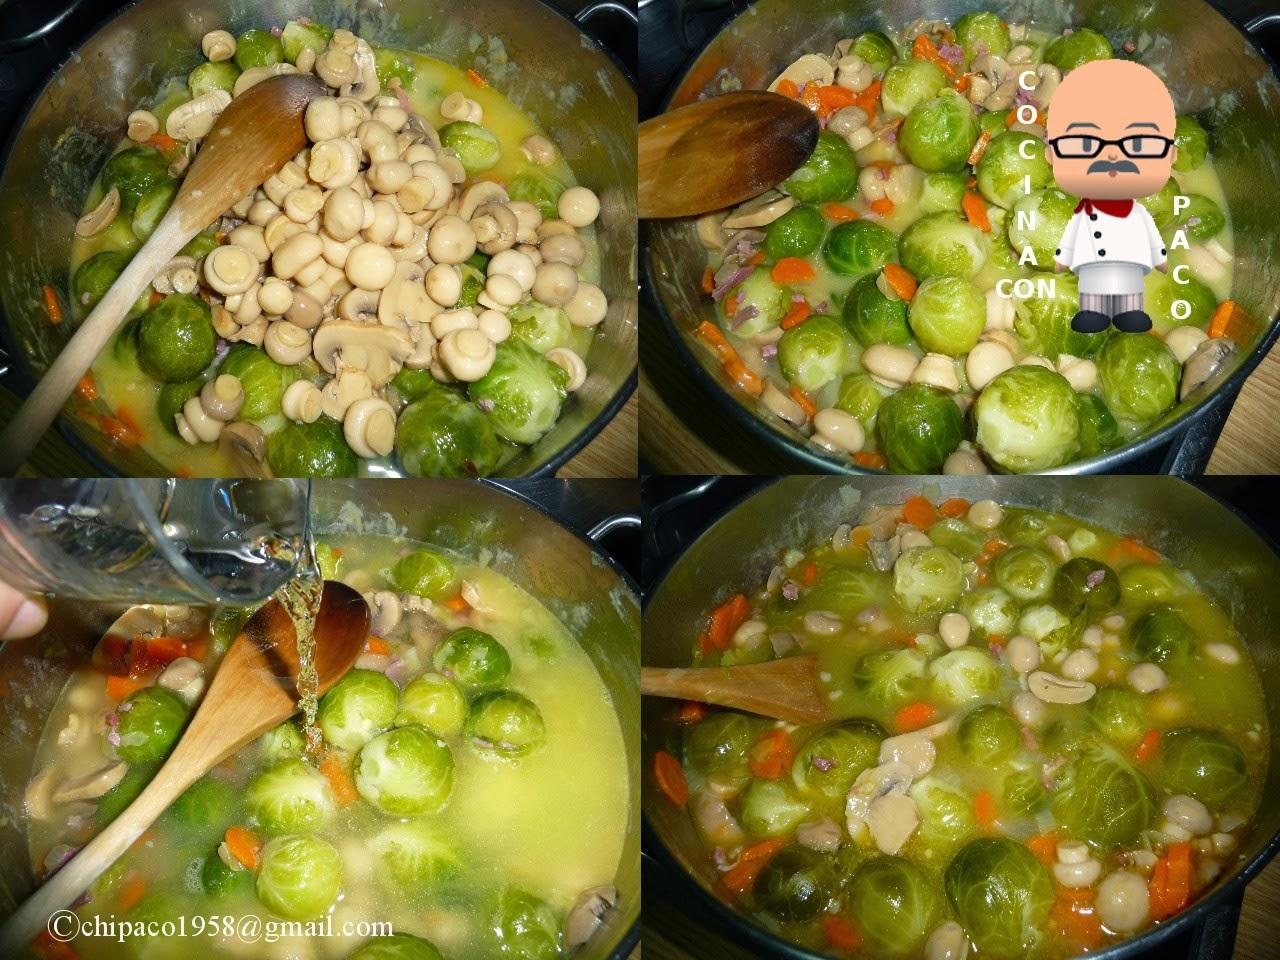 Cocina con paco coles de bruselas con champi ones - Cocer coles de bruselas ...